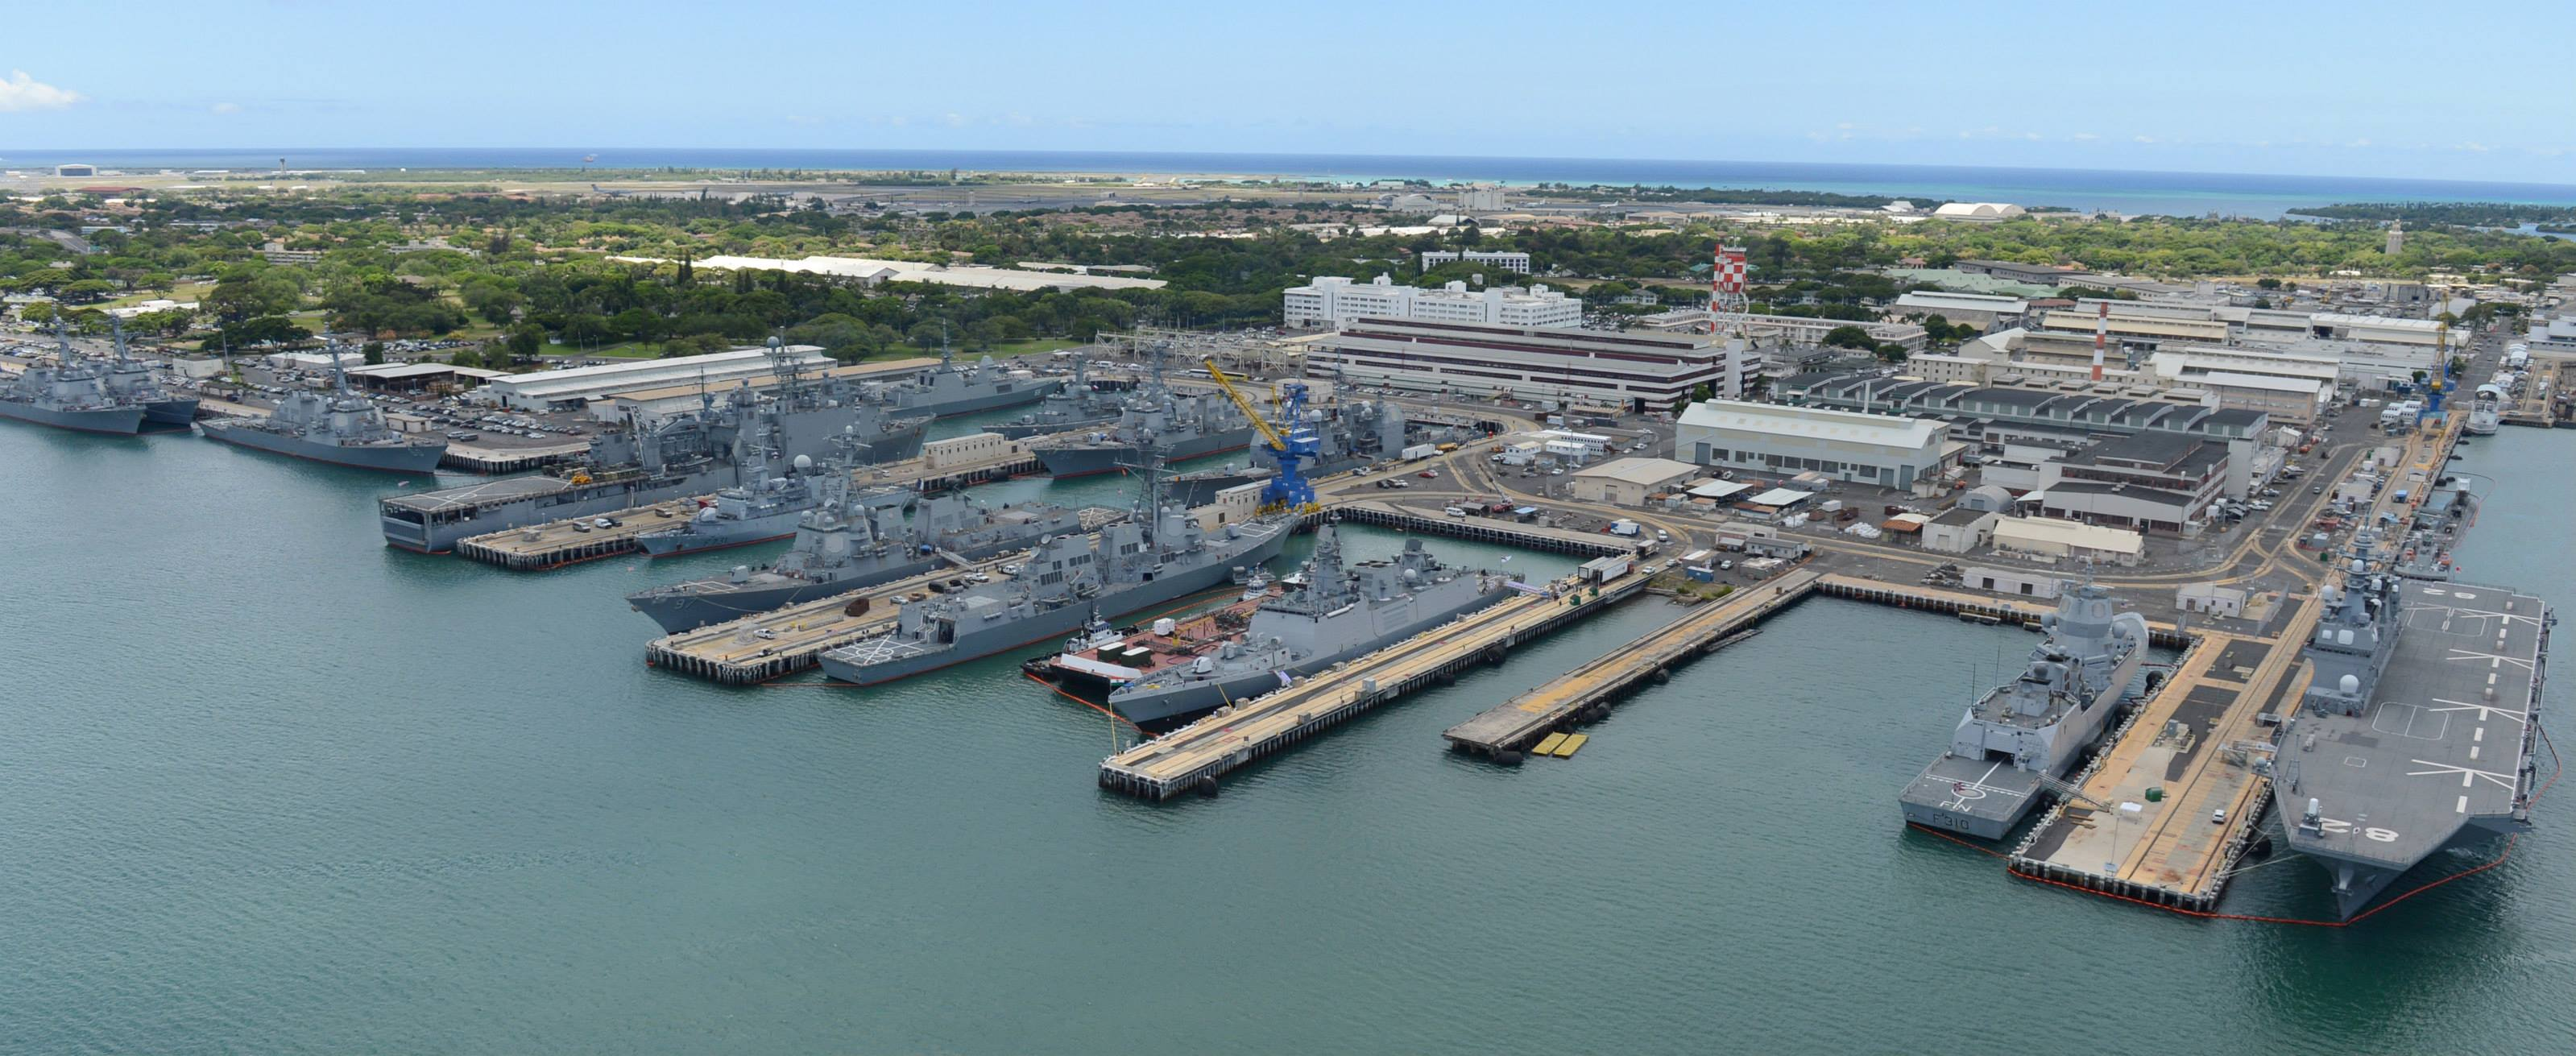 미 해군기지 사진으로 살펴보기